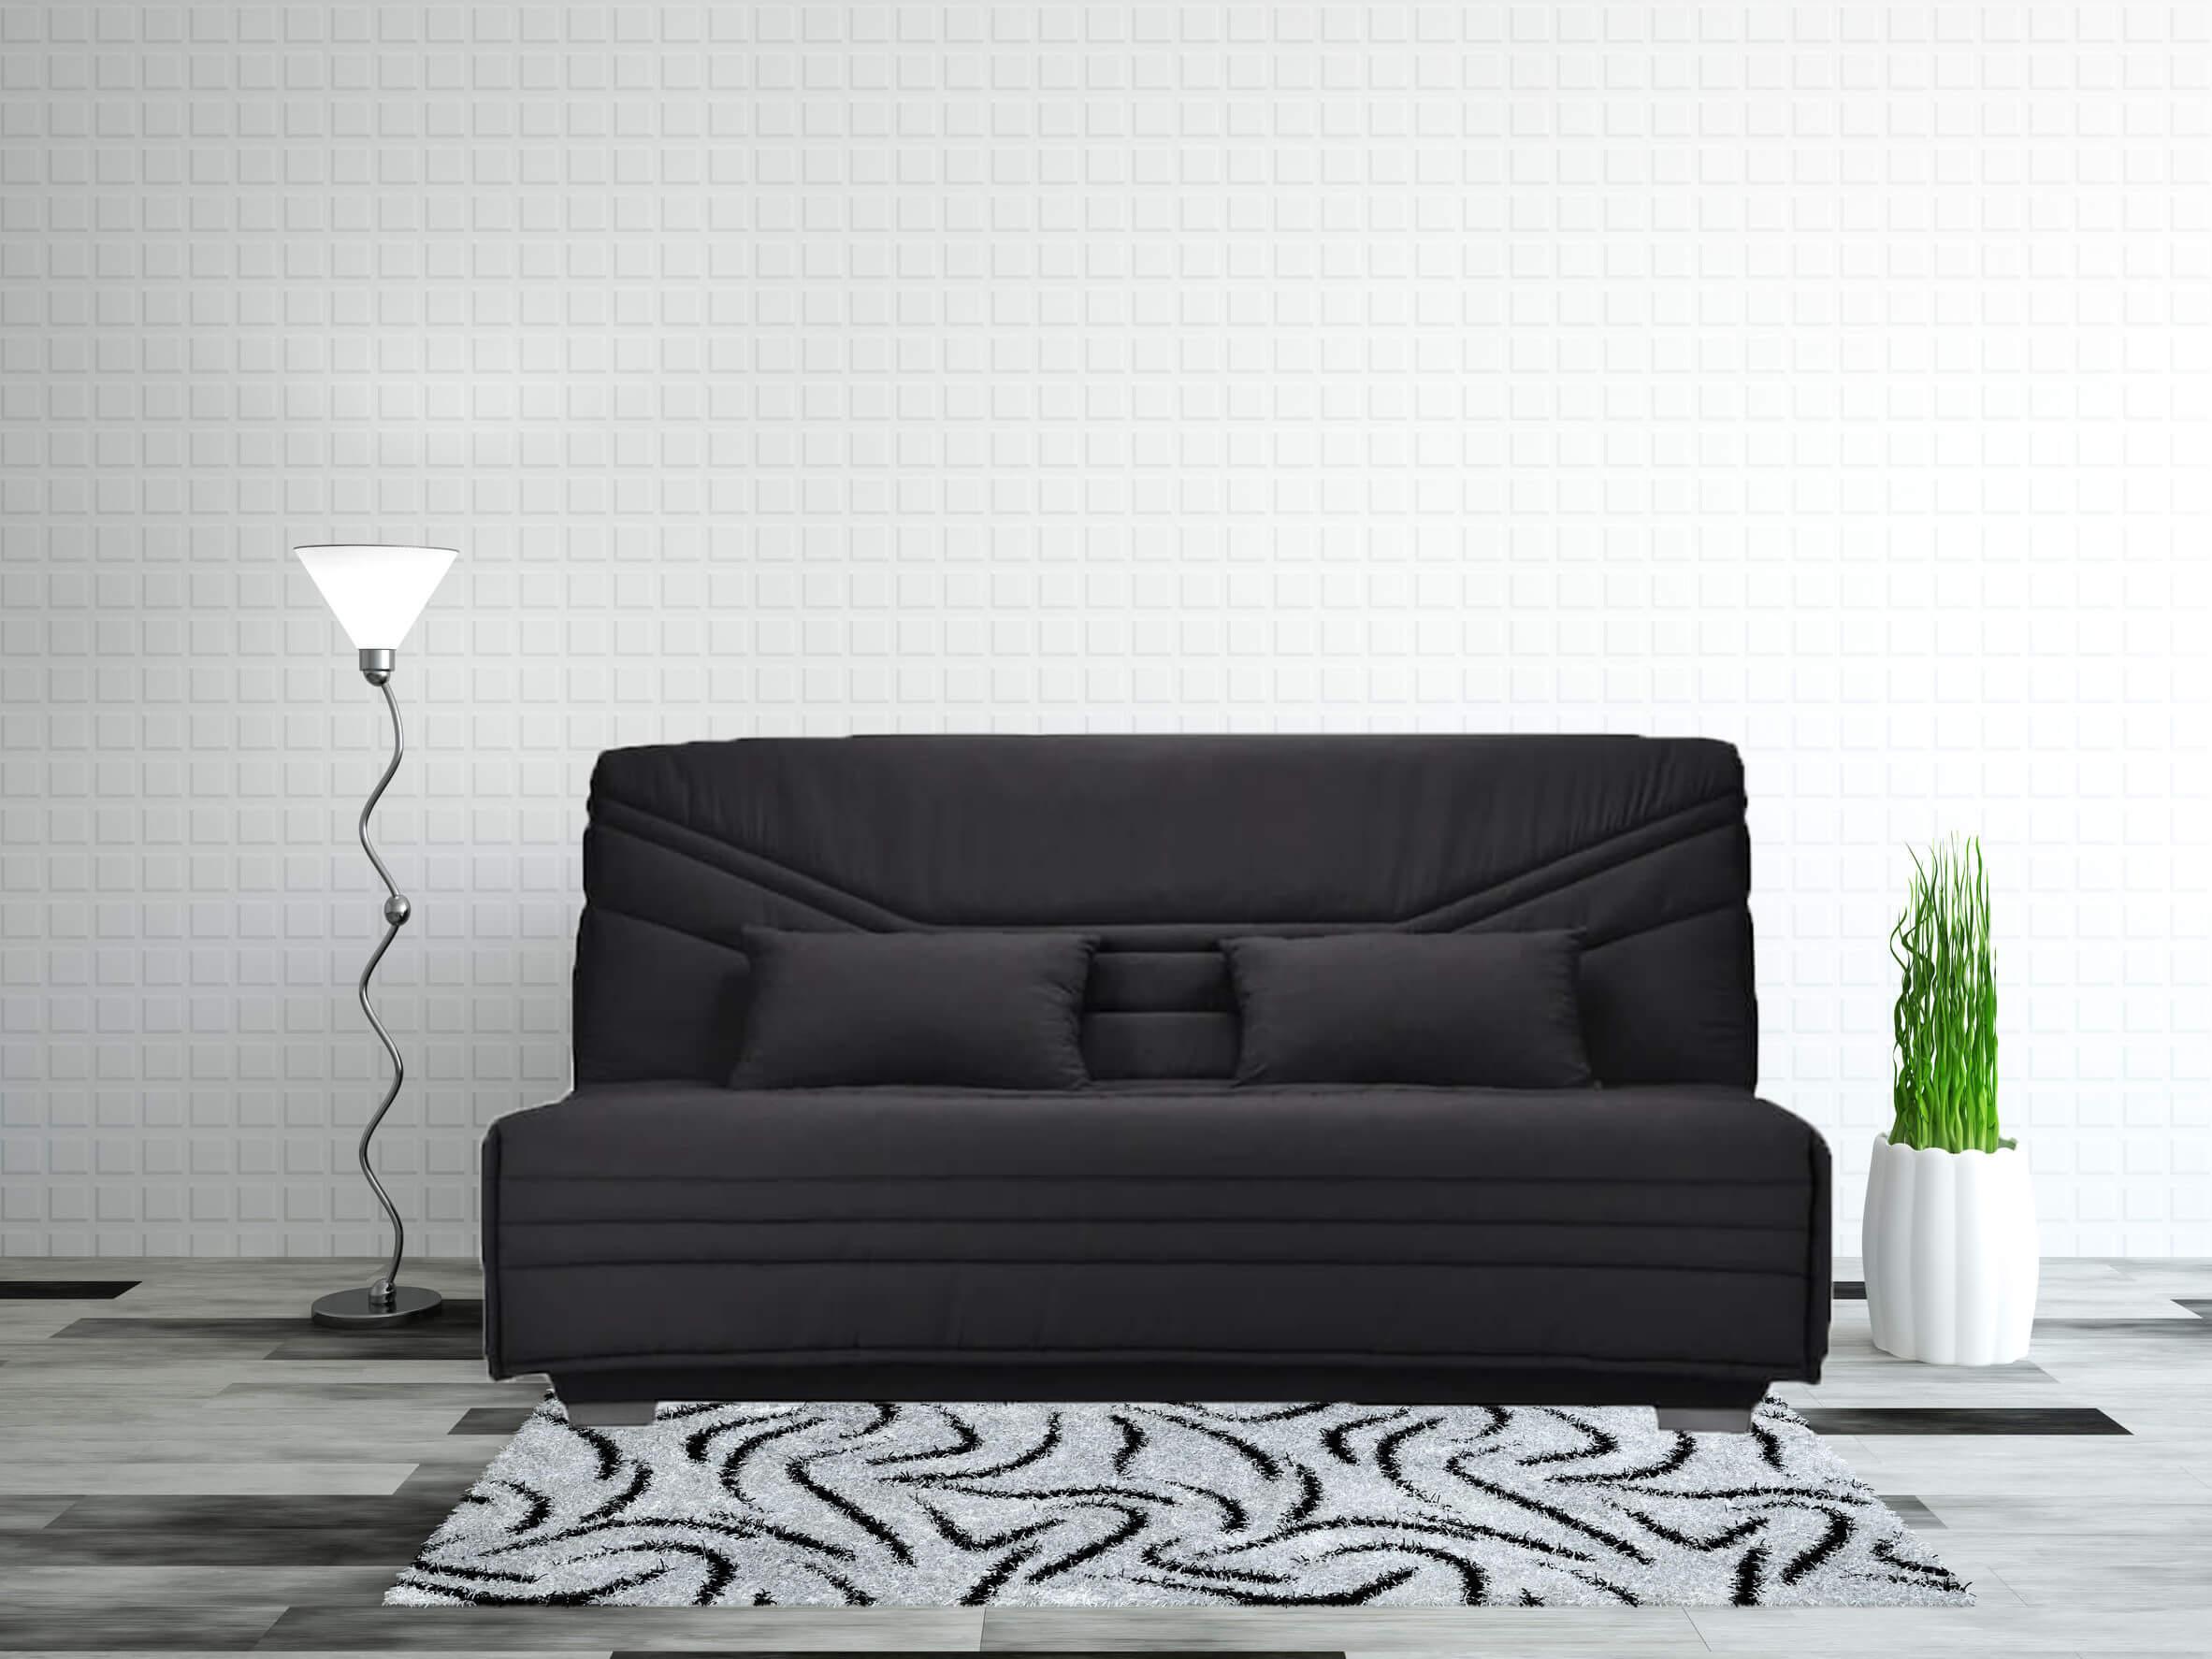 vente de canapés lit bz / clic-clac pour couchage quotidien.